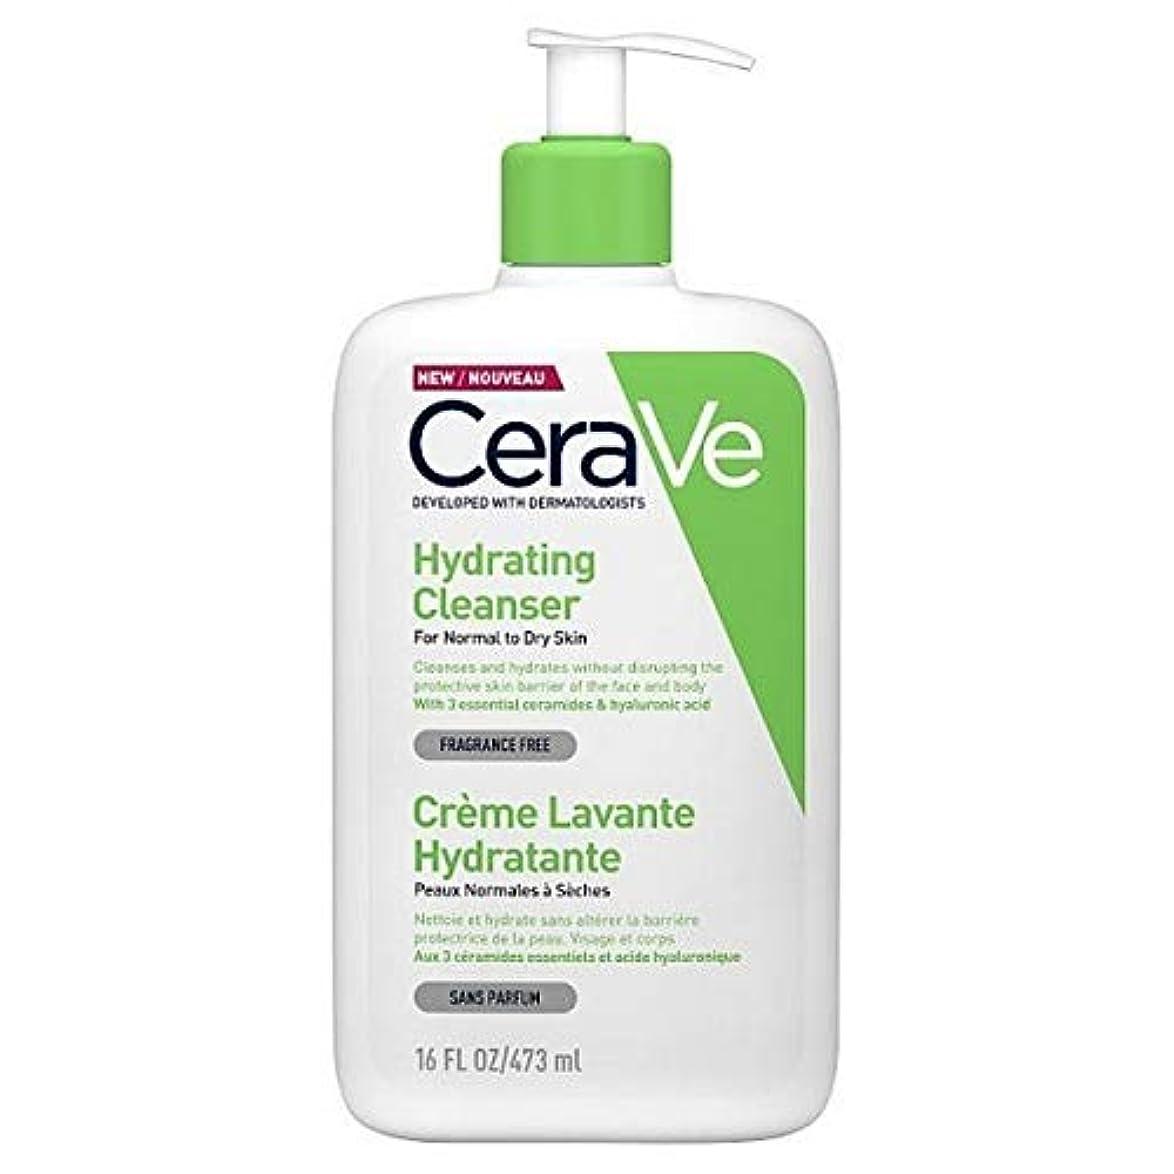 逆さまに弾力性のある移動する[CeraVe] Cerave水和クレンザー473ミリリットル - CeraVe Hydrating Cleanser 473ml [並行輸入品]